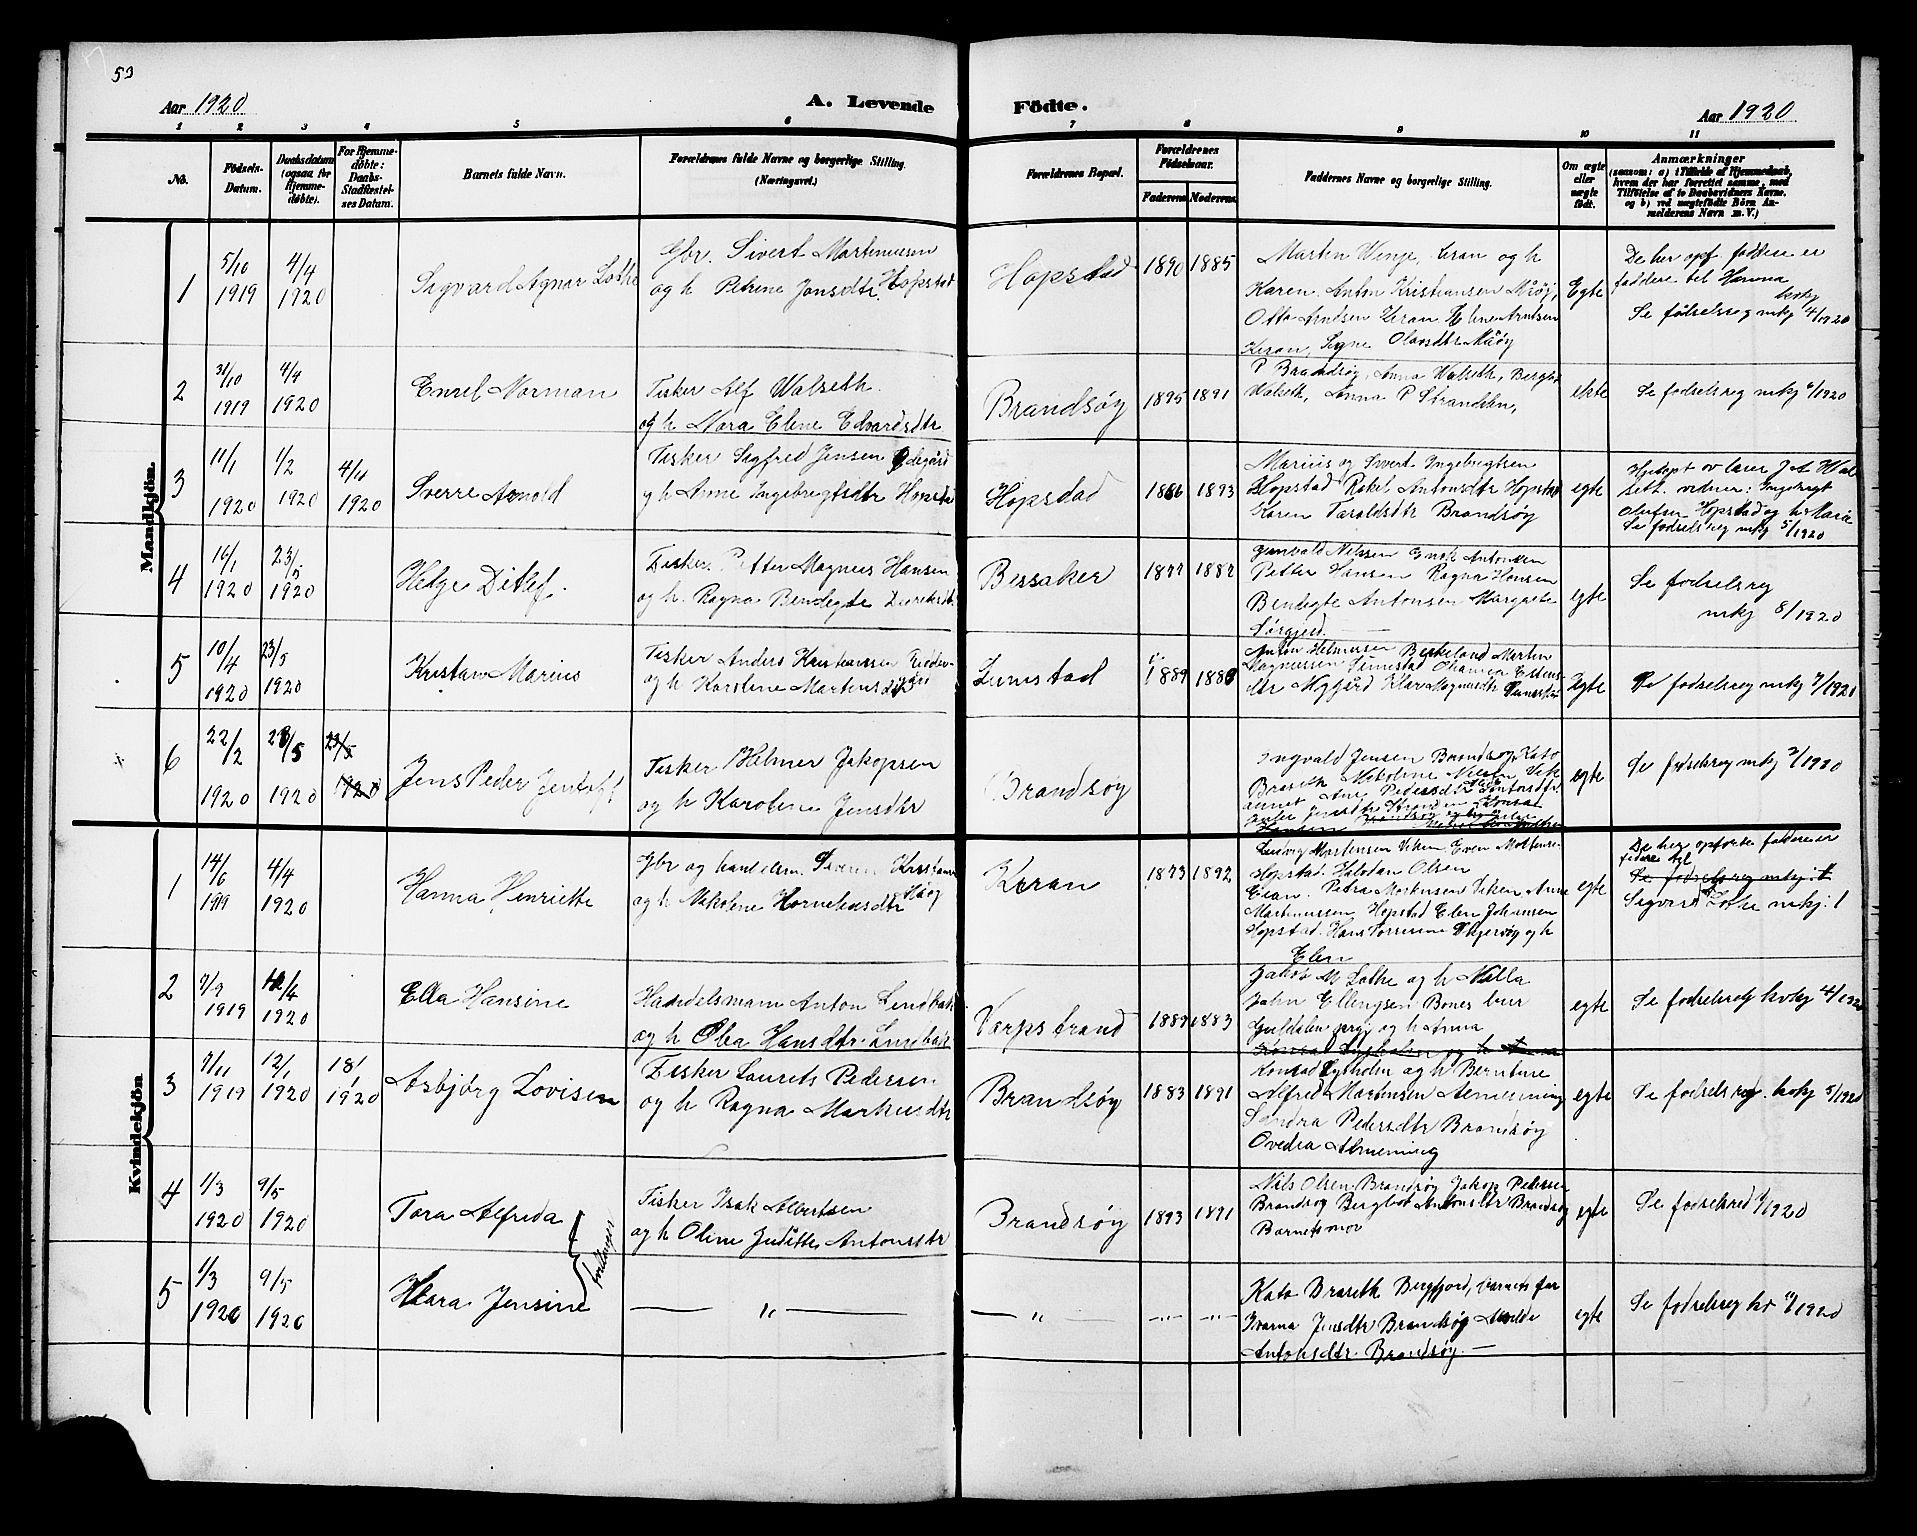 SAT, Ministerialprotokoller, klokkerbøker og fødselsregistre - Sør-Trøndelag, 657/L0717: Klokkerbok nr. 657C04, 1904-1923, s. 53